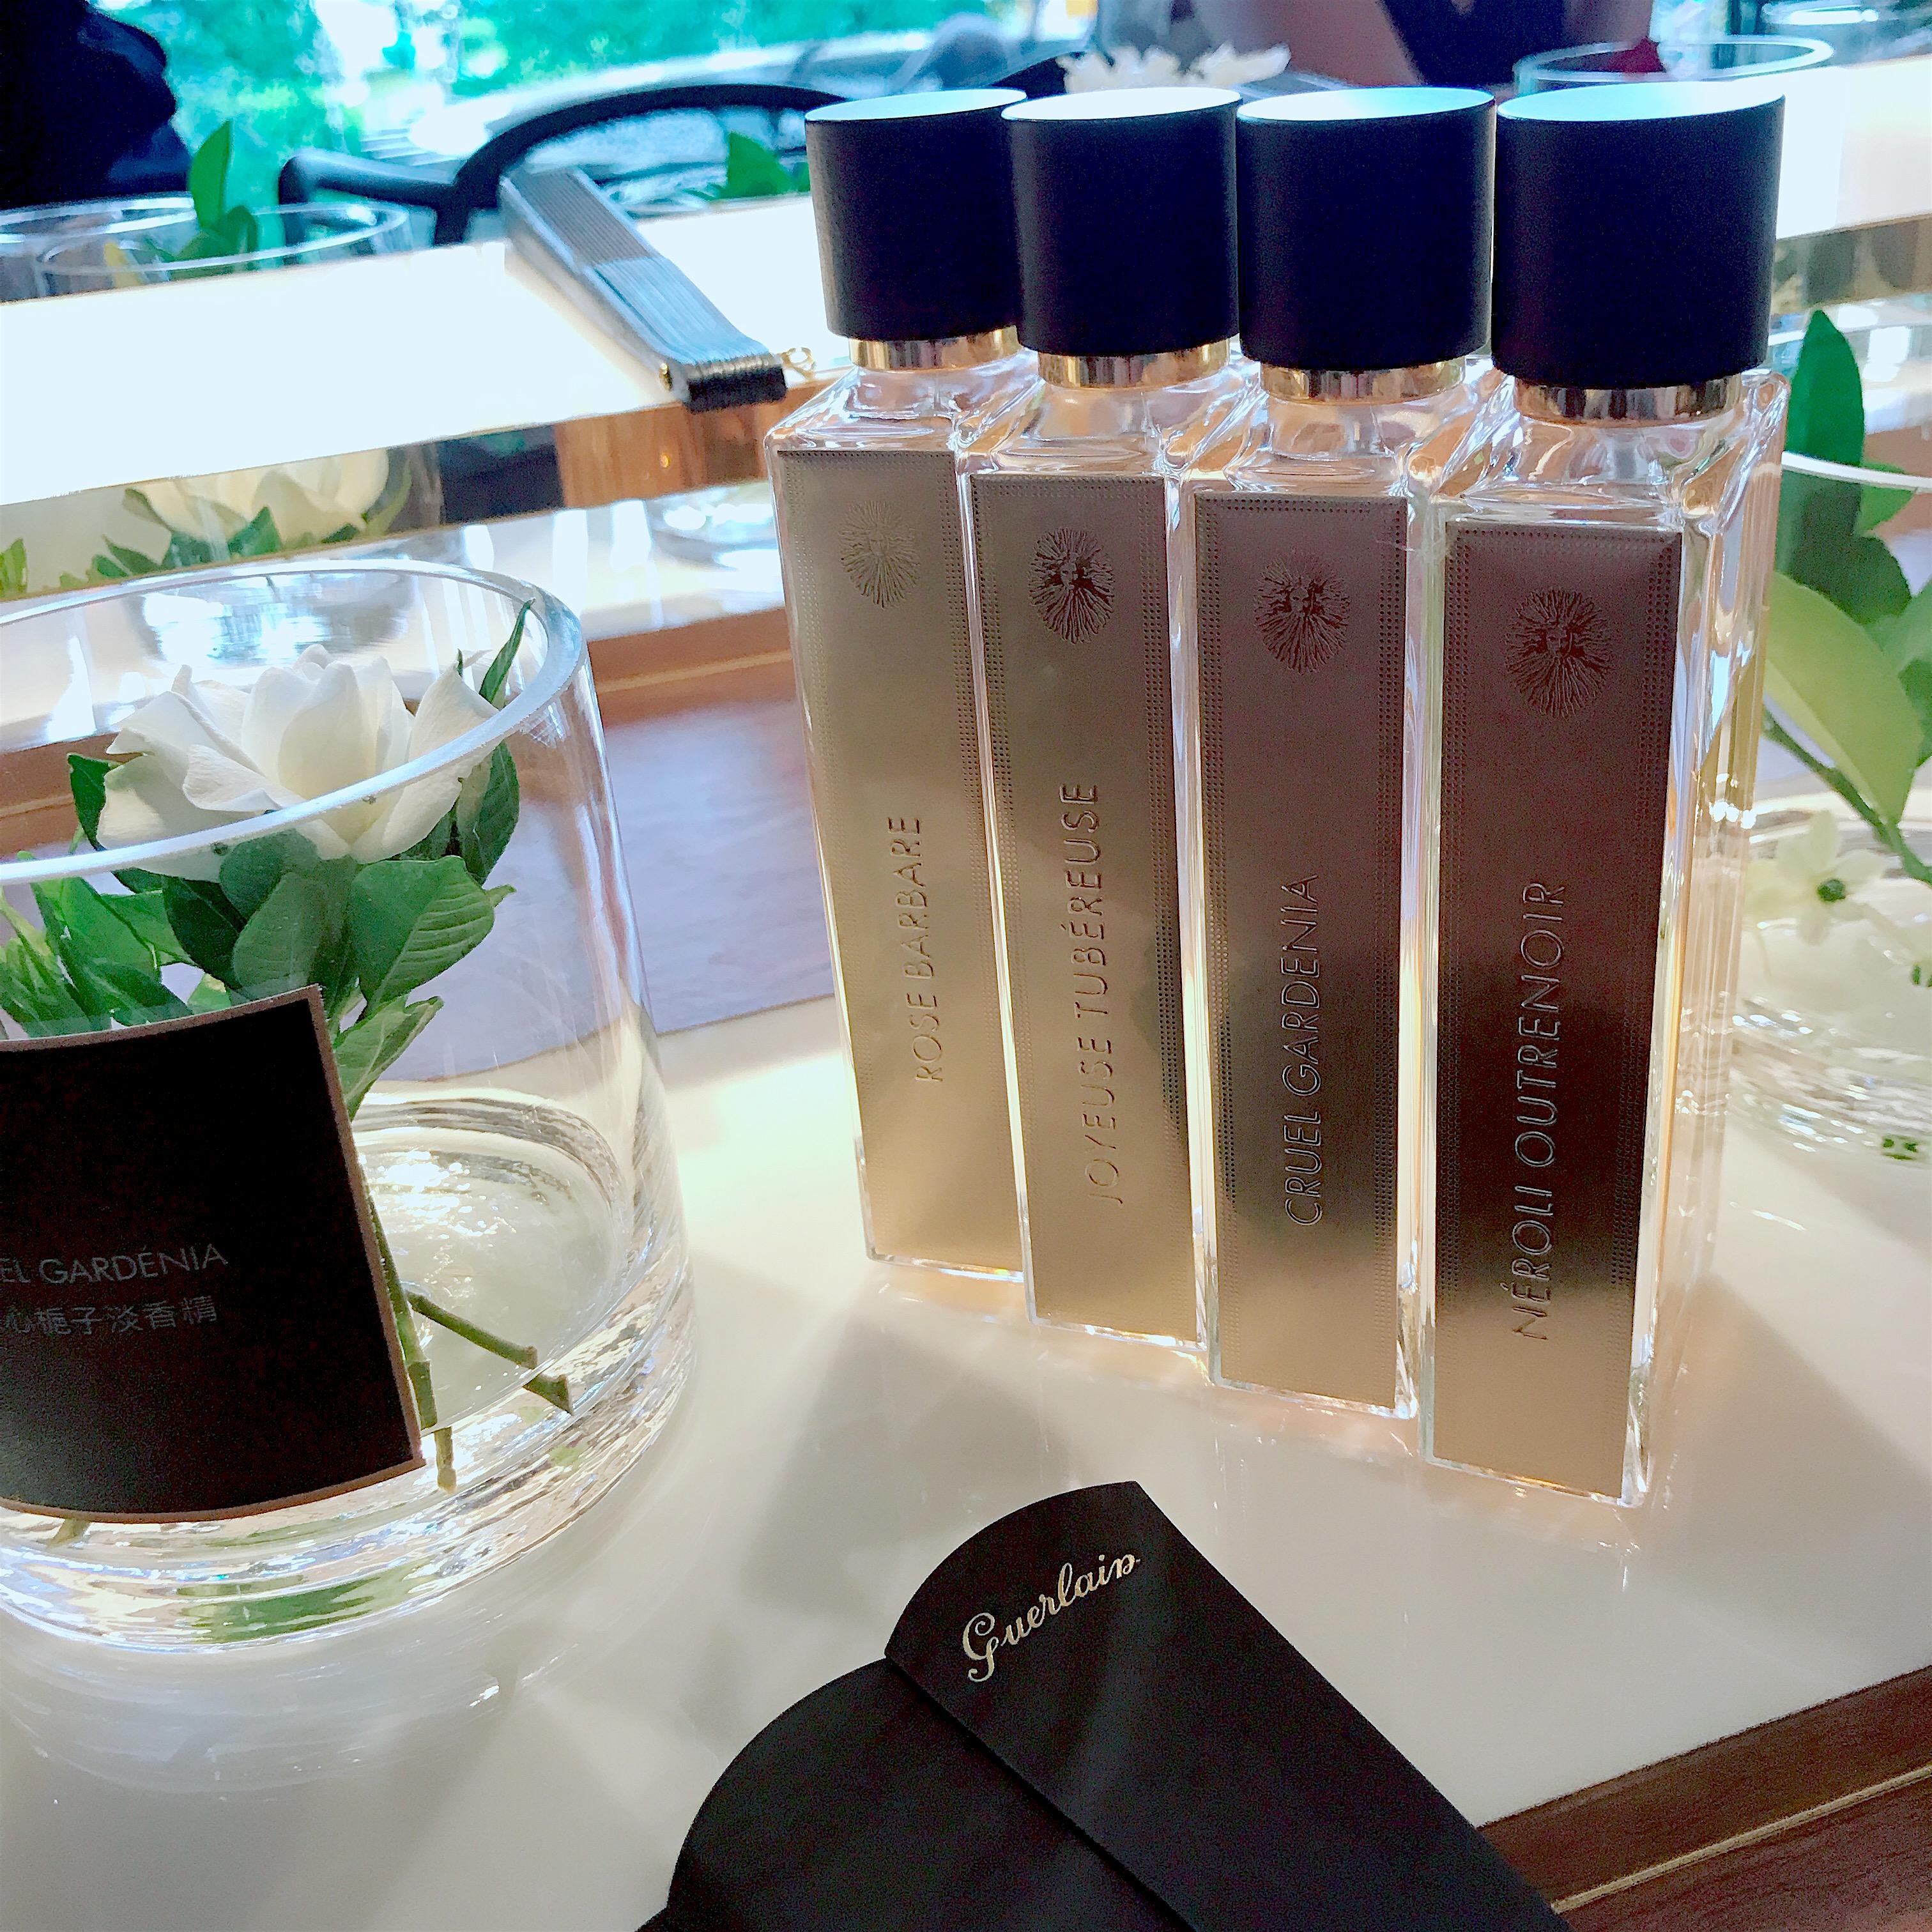 嬌蘭 L'Art & la Matière 頂級訂製精品香水 藝術沙龍系列